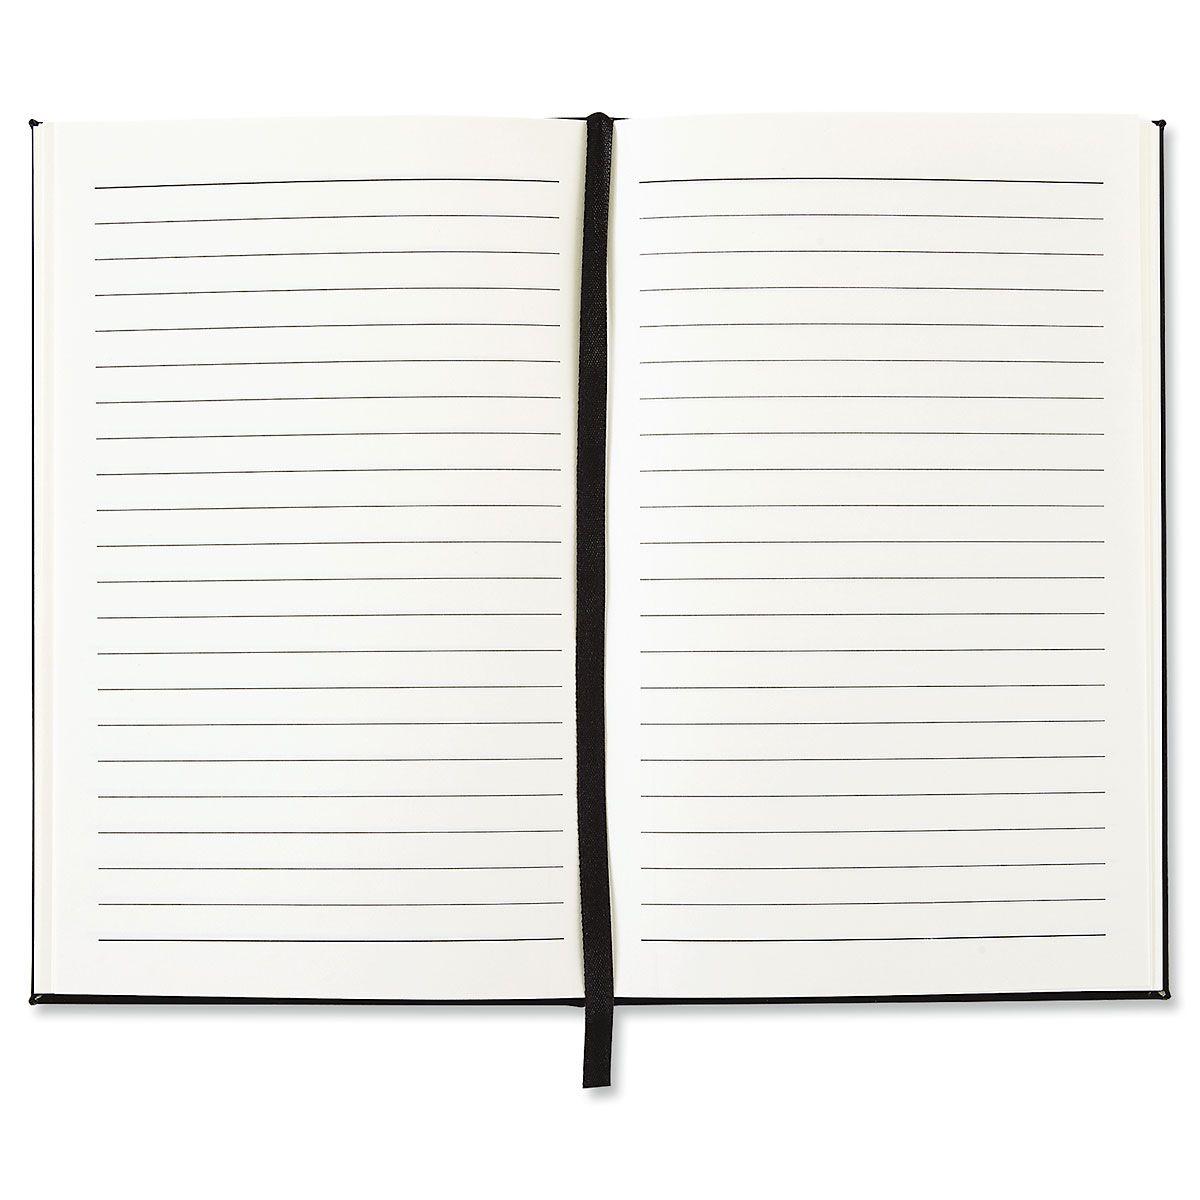 Unicorn Personalized Journal